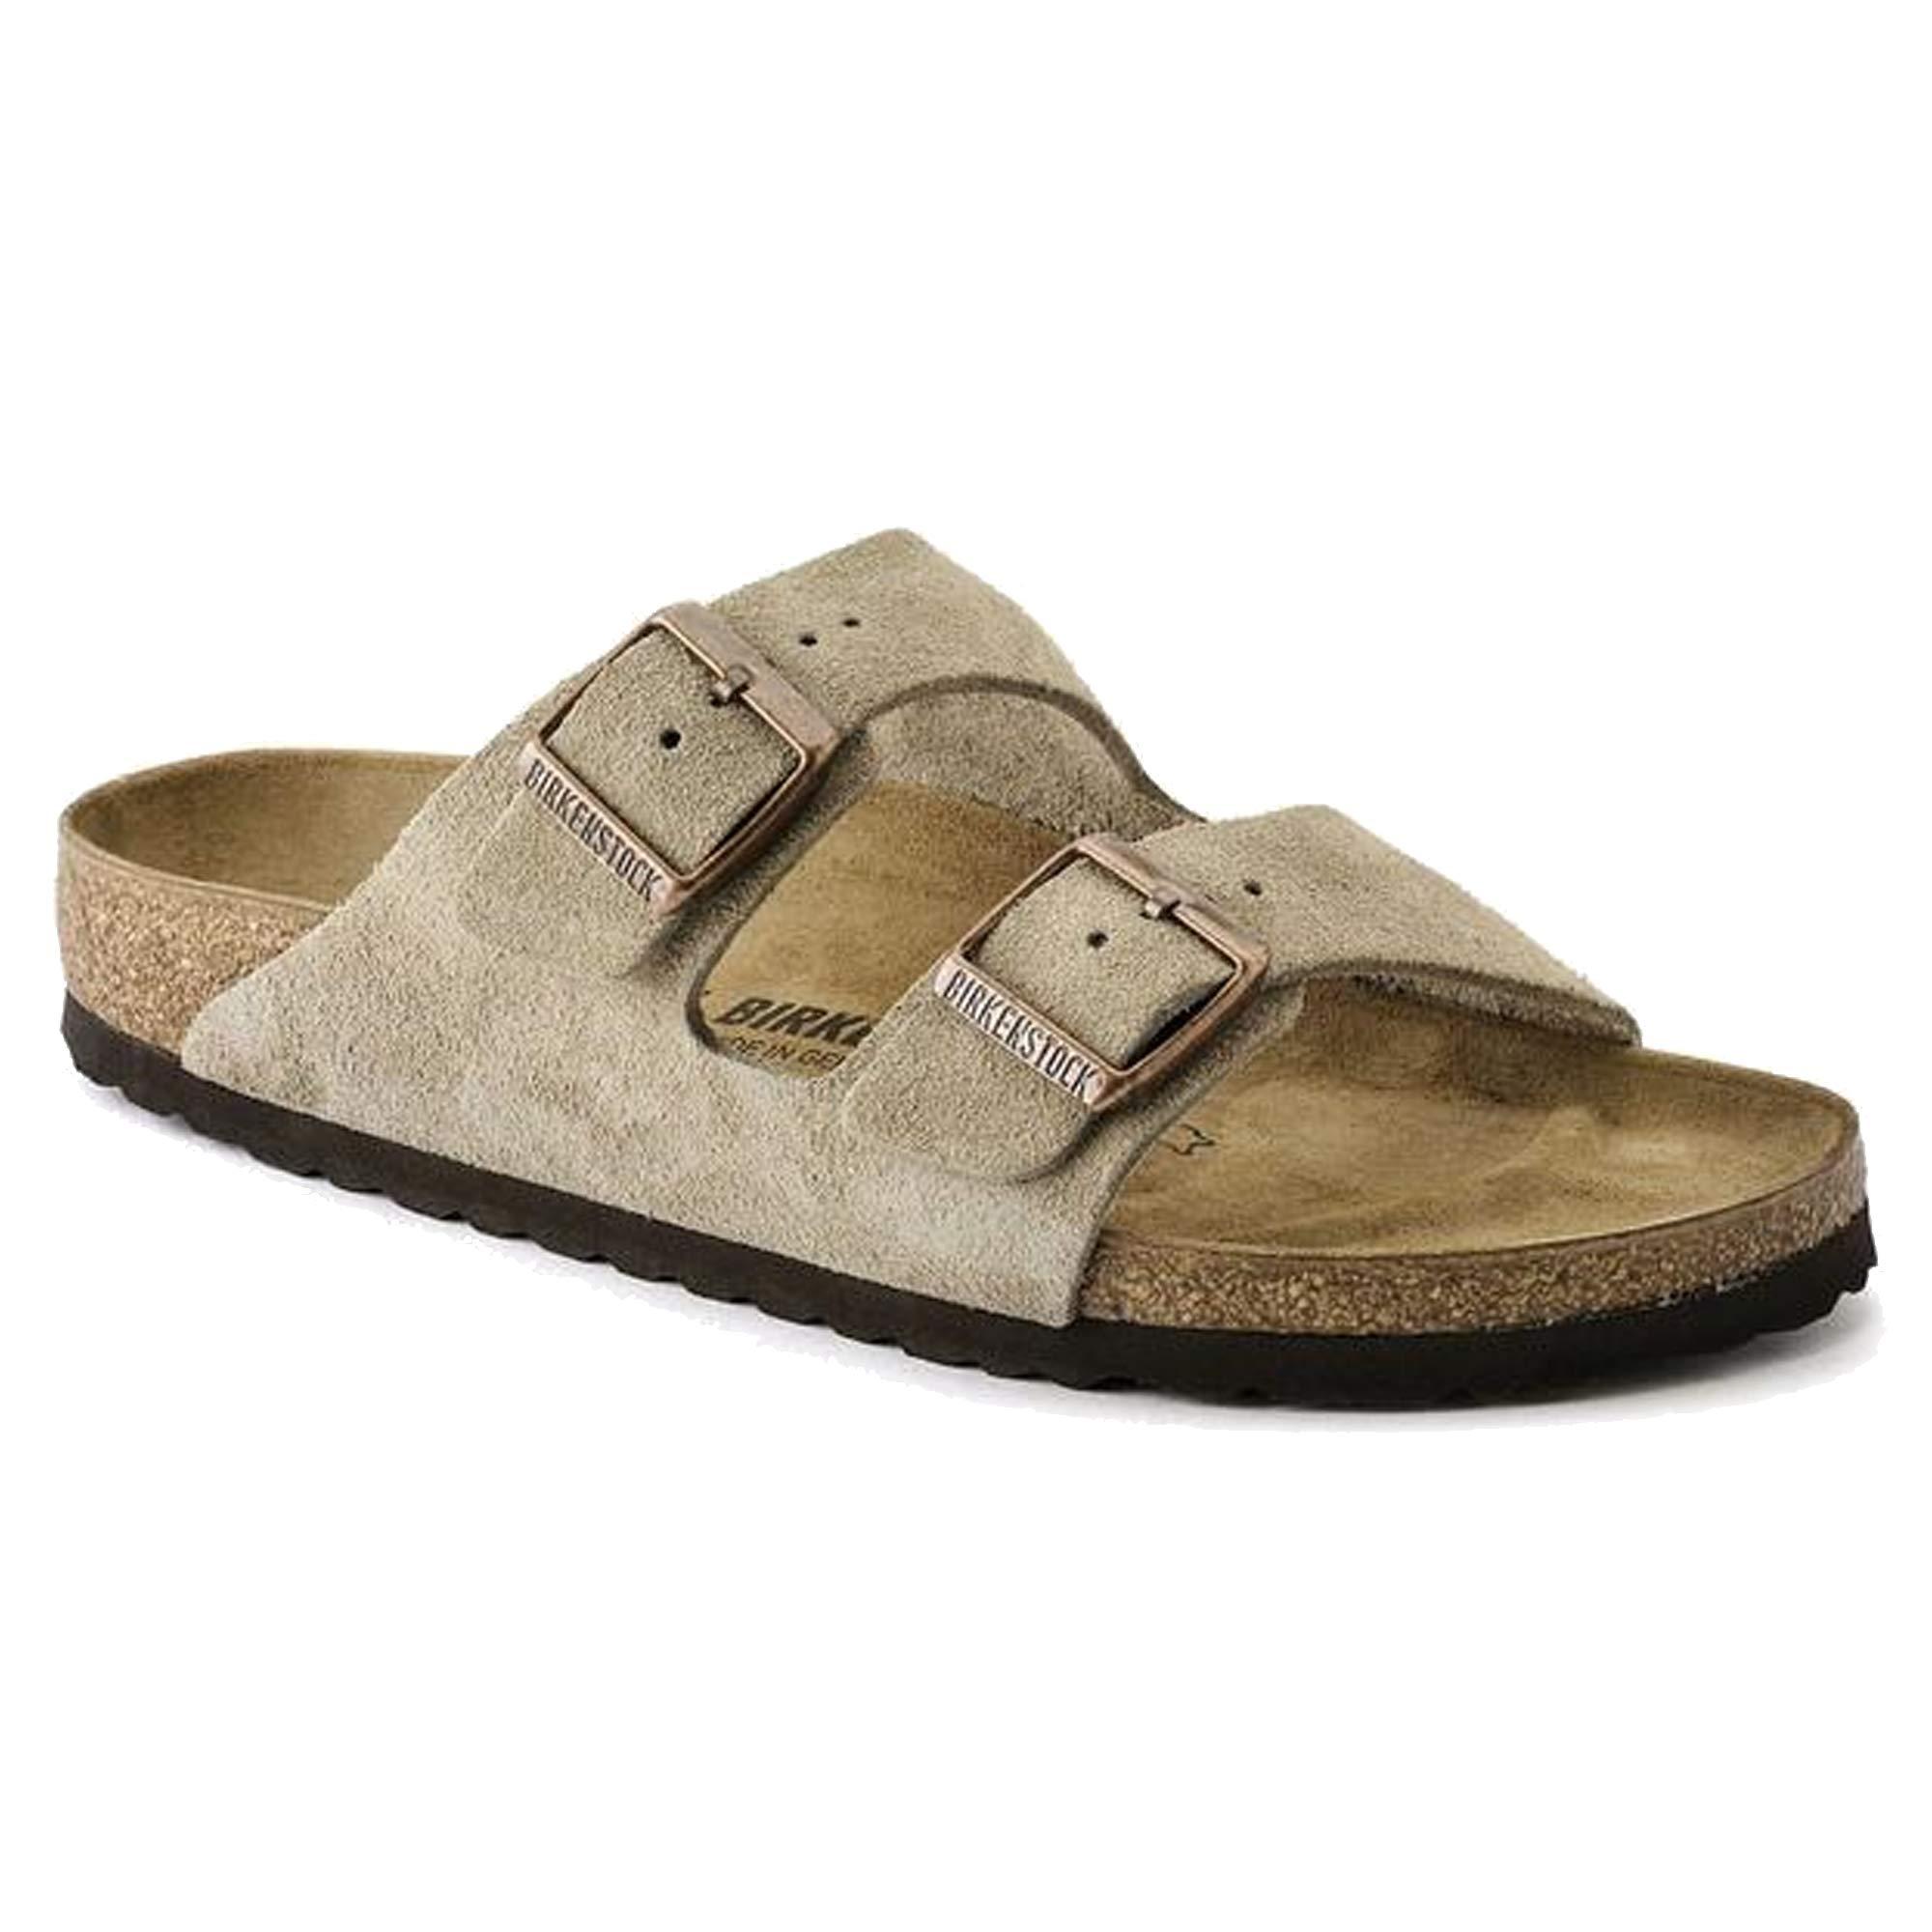 Birkenstock Unisex Arizona Taupe Suede Sandals - 42 M EU / 11-11.5 B(M) US